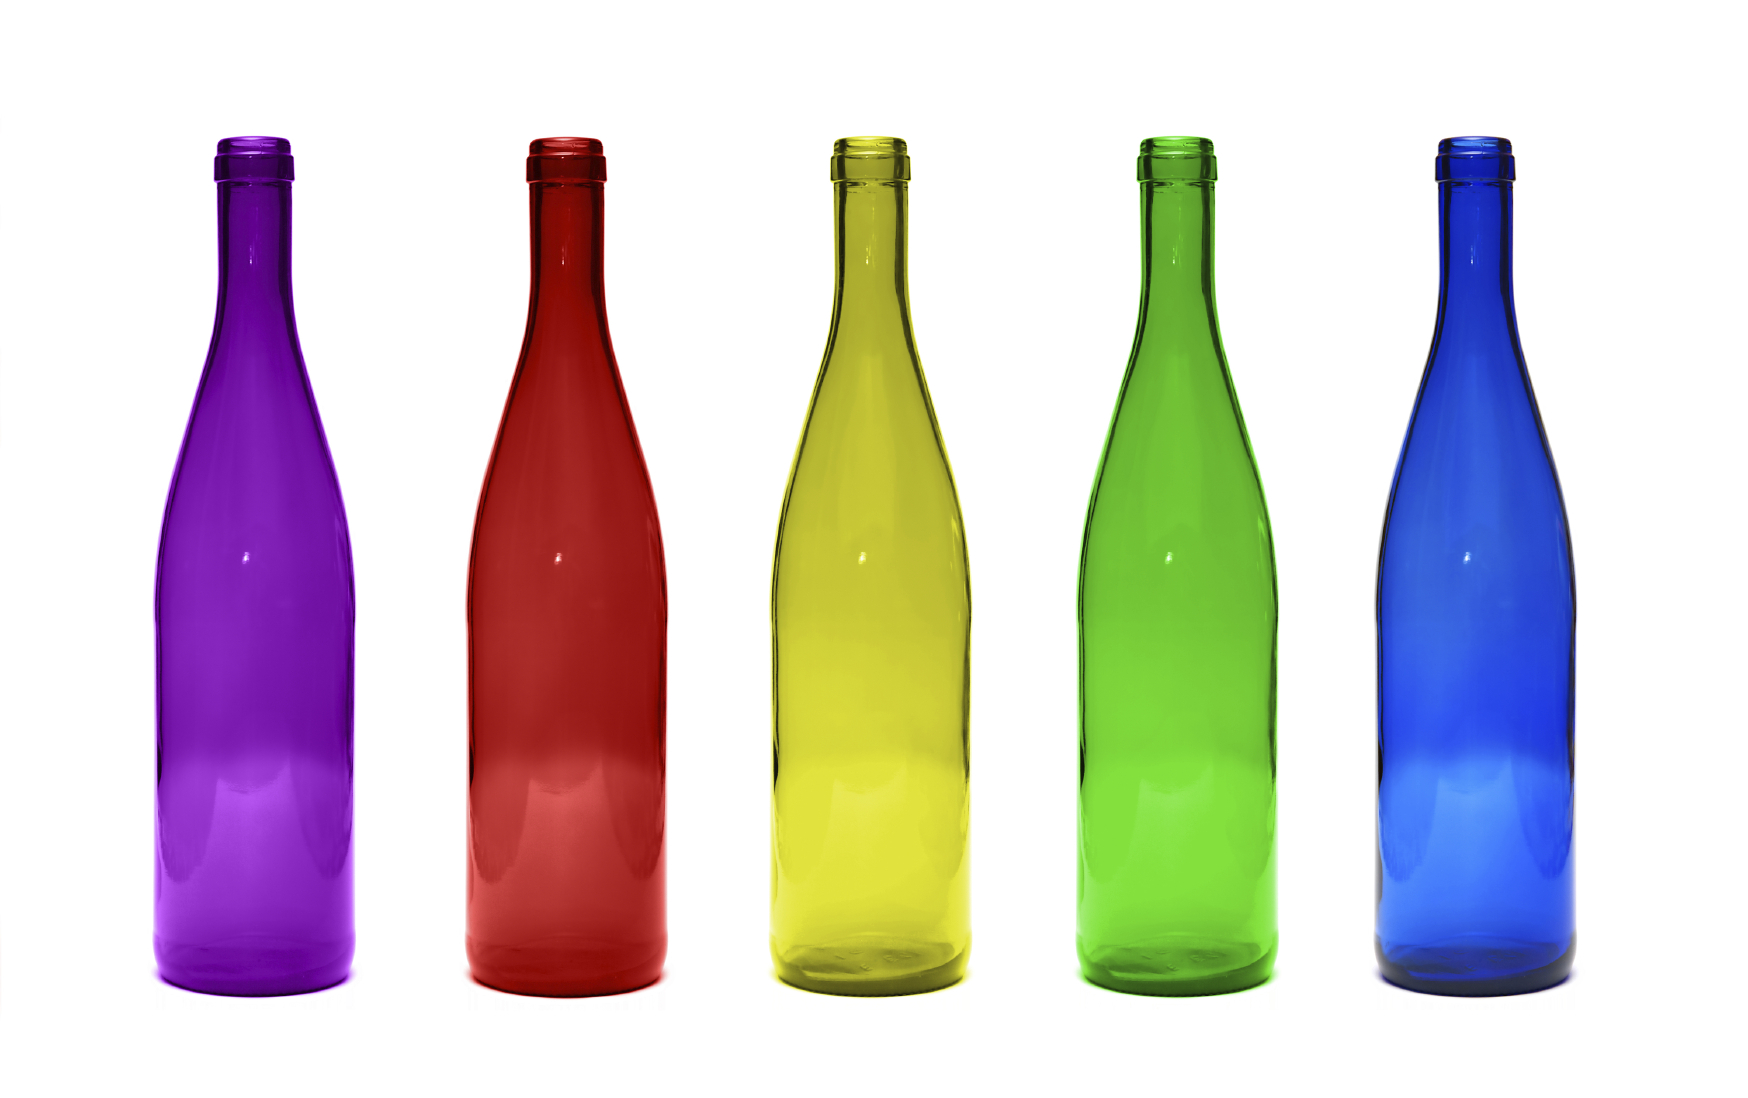 HQ Bottles Wallpapers | File 650.88Kb